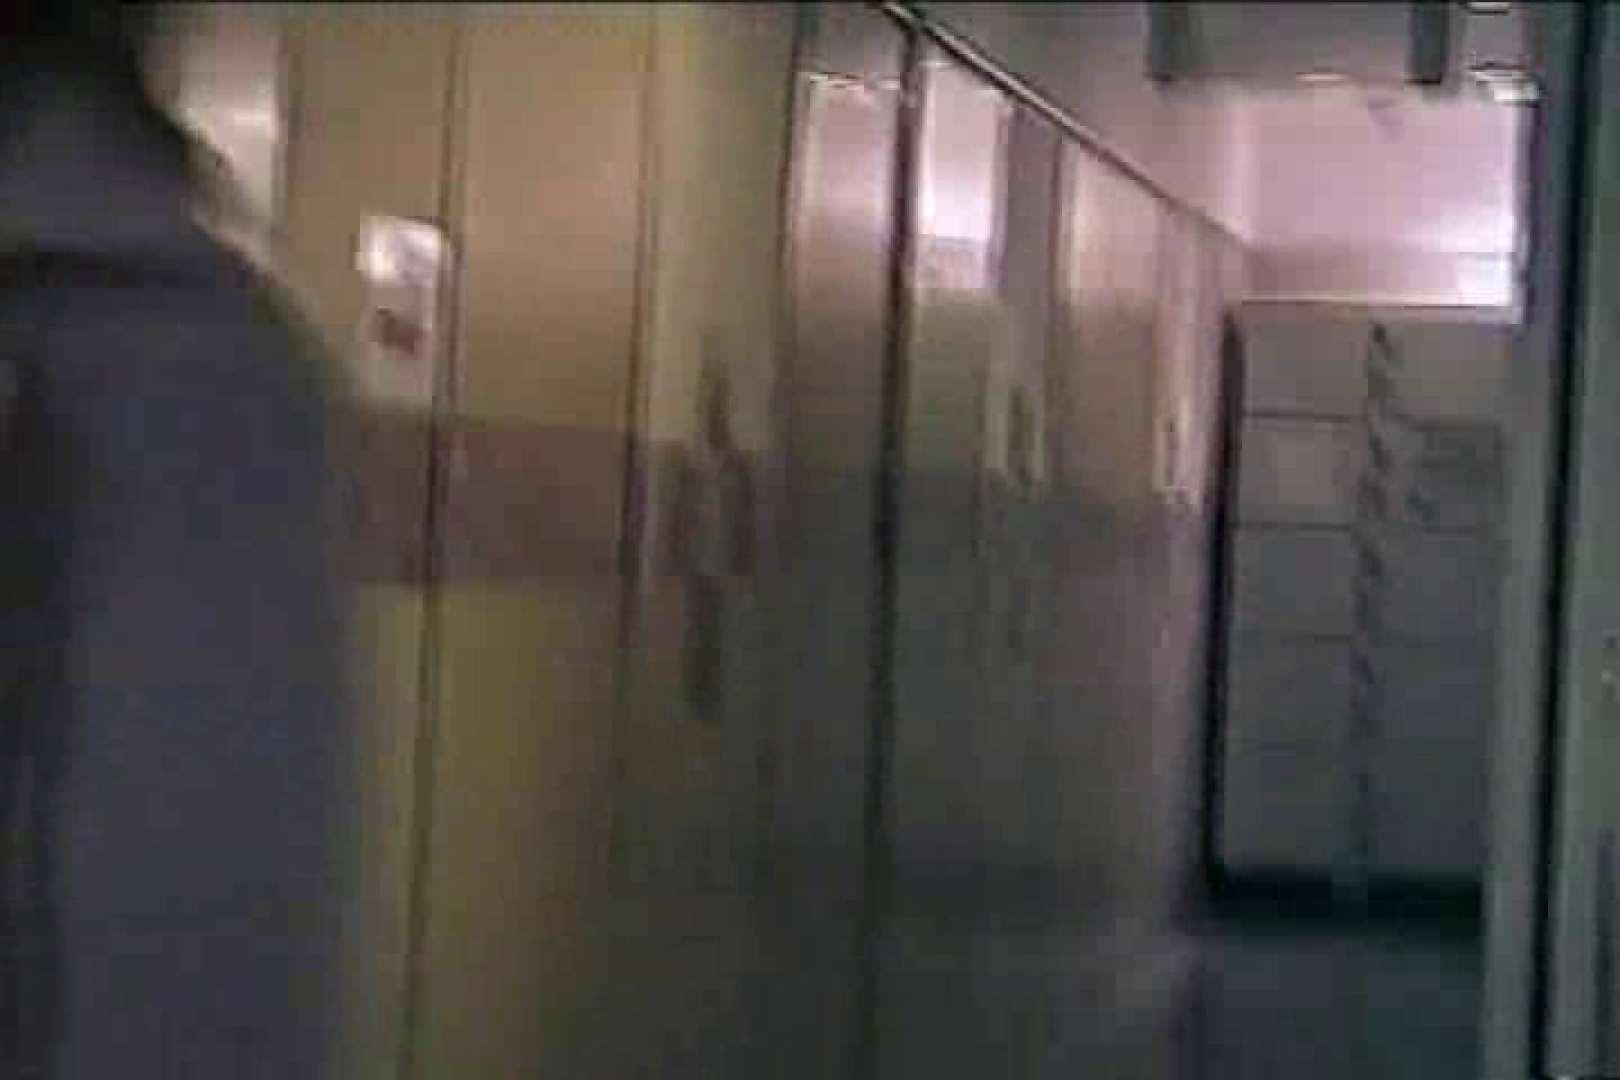 門外不出デパート洗面所 No.5 名作 オマンコ無修正動画無料 97pic 71